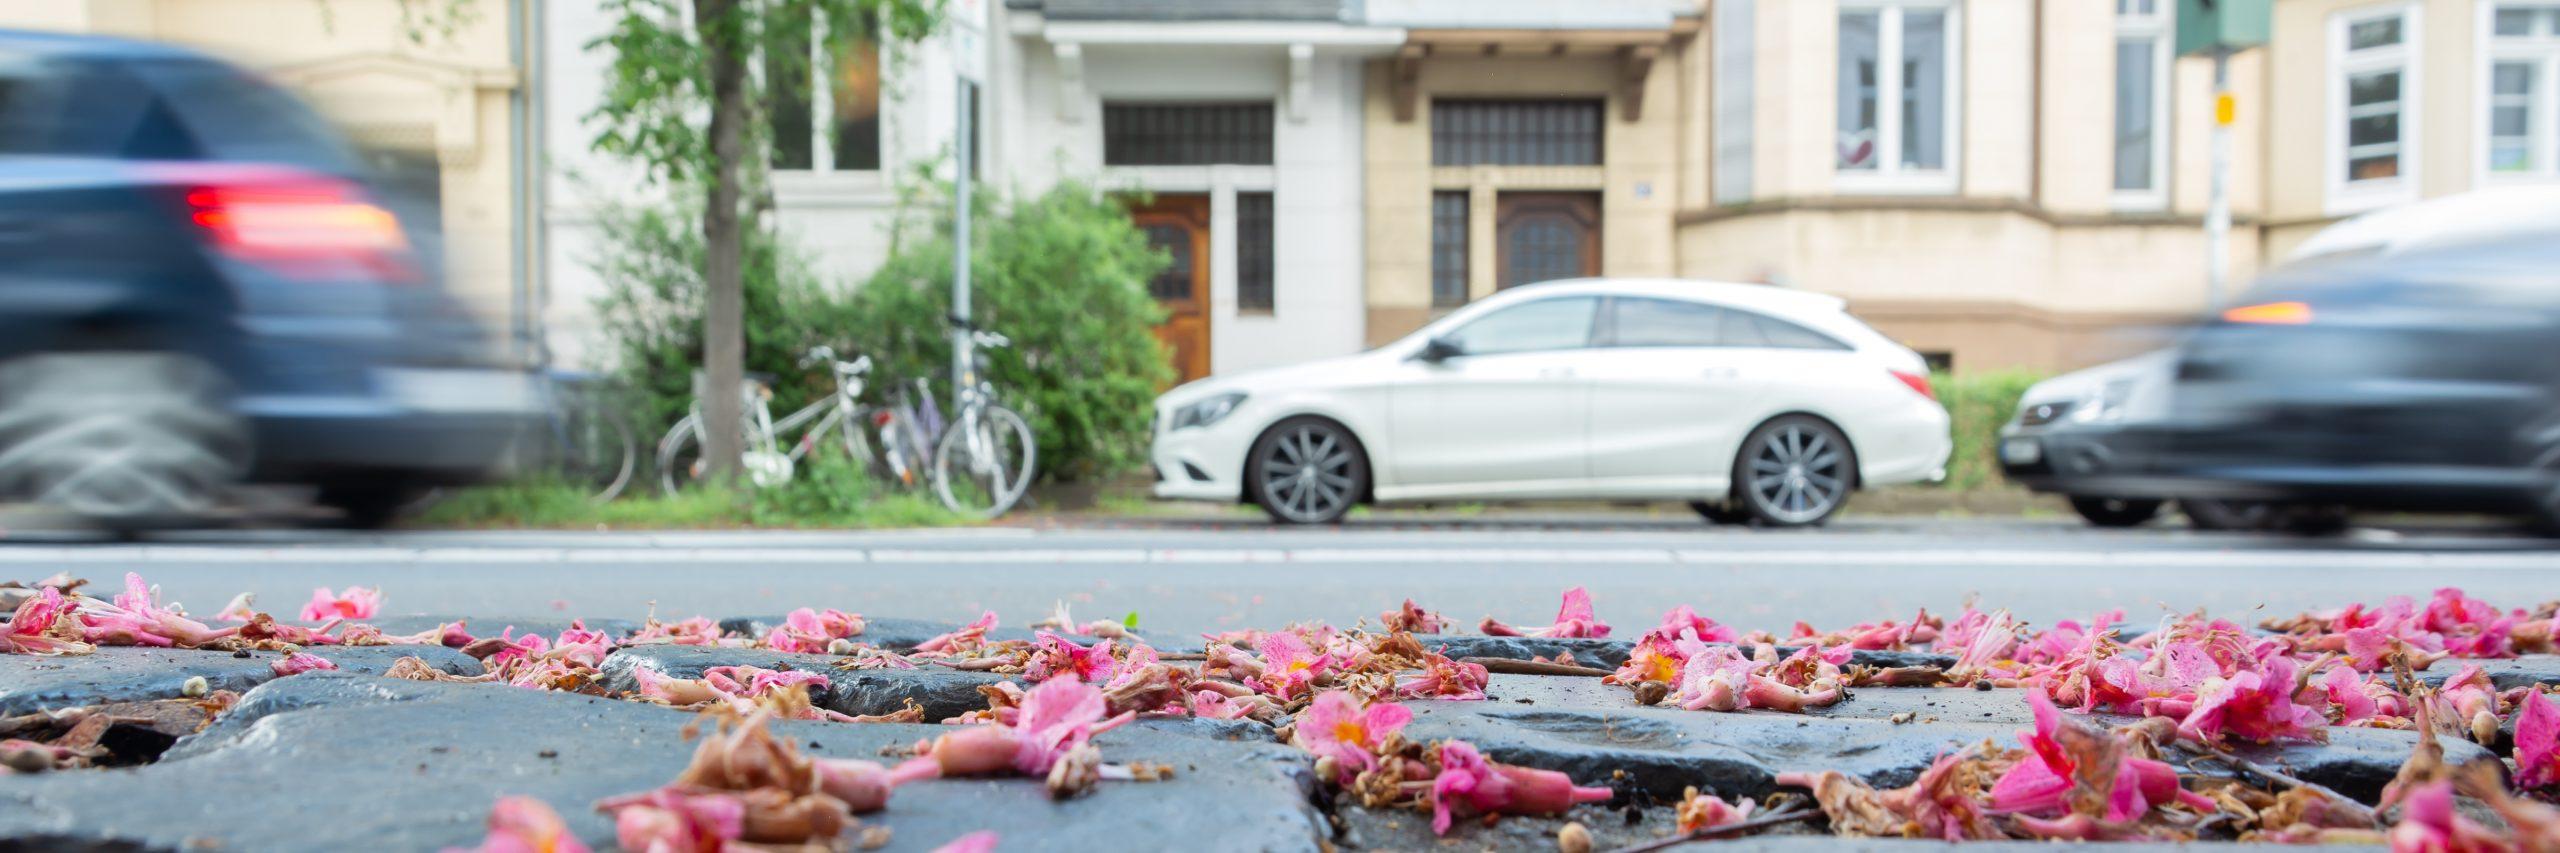 Straße mit Blütenblättern und geparkten Autos